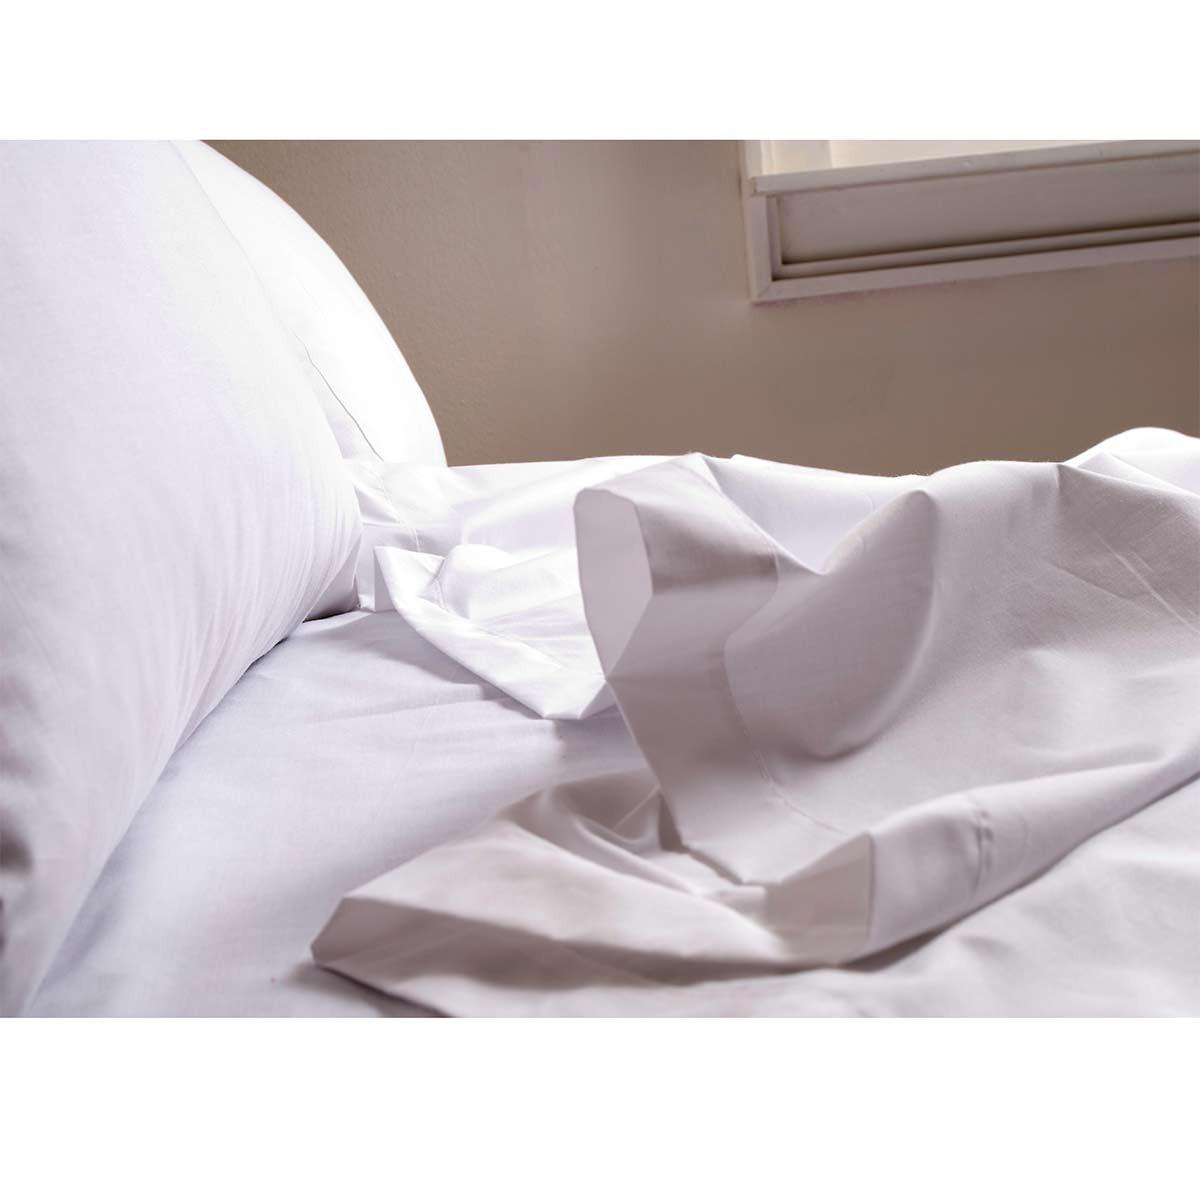 Σεντόνι Υπέρδιπλο Λευκό (220x260) Melinen Polycotton 90/70